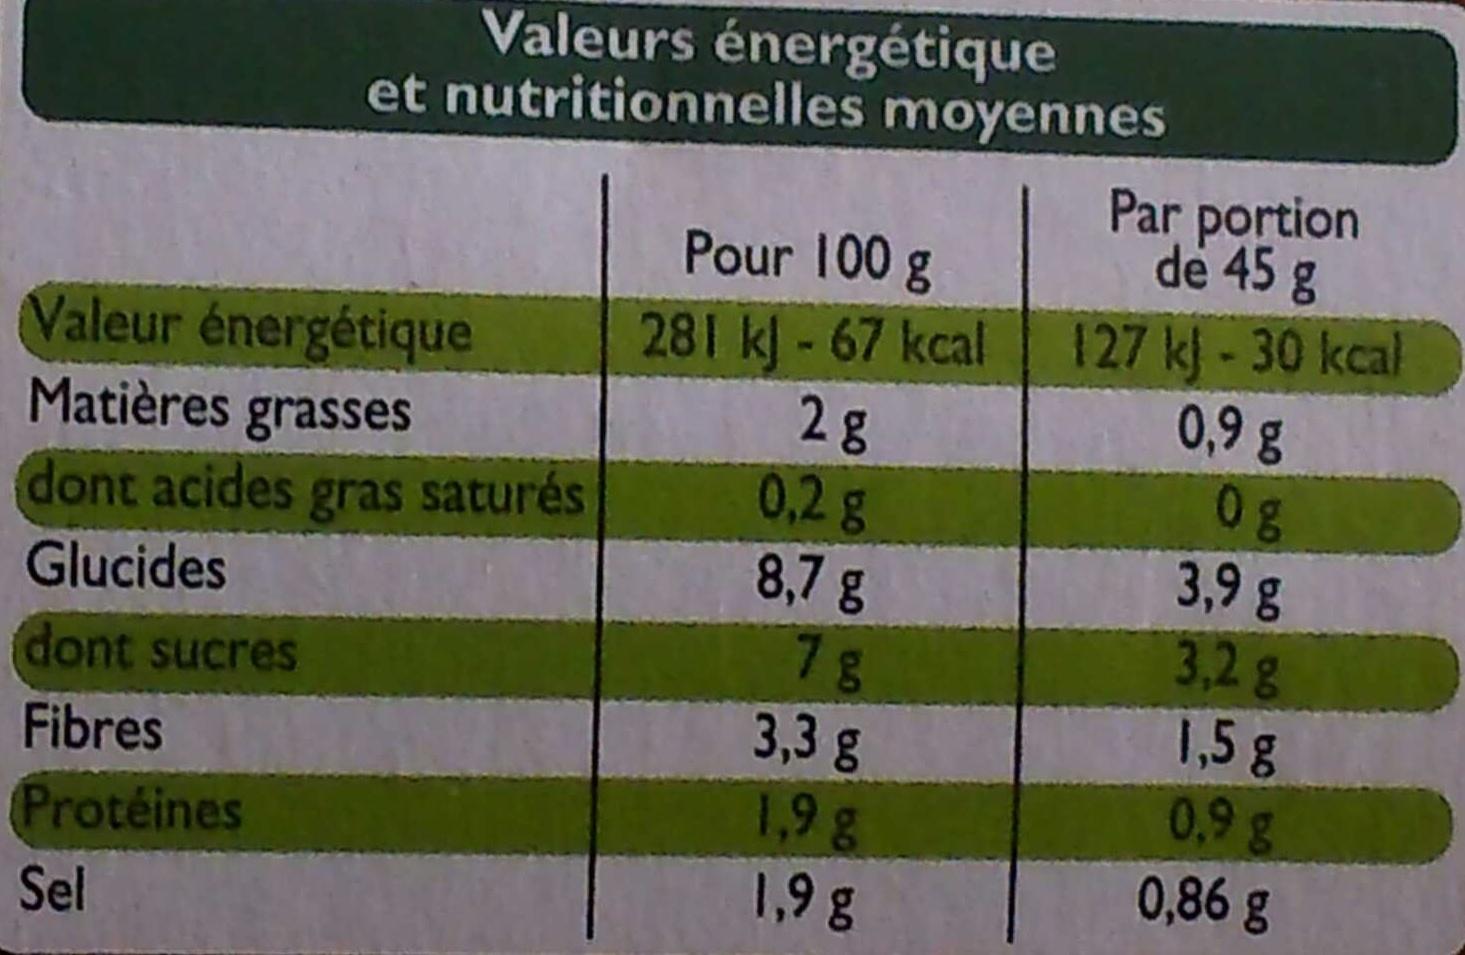 Sauce Tomate aux Légumes - Informations nutritionnelles - fr